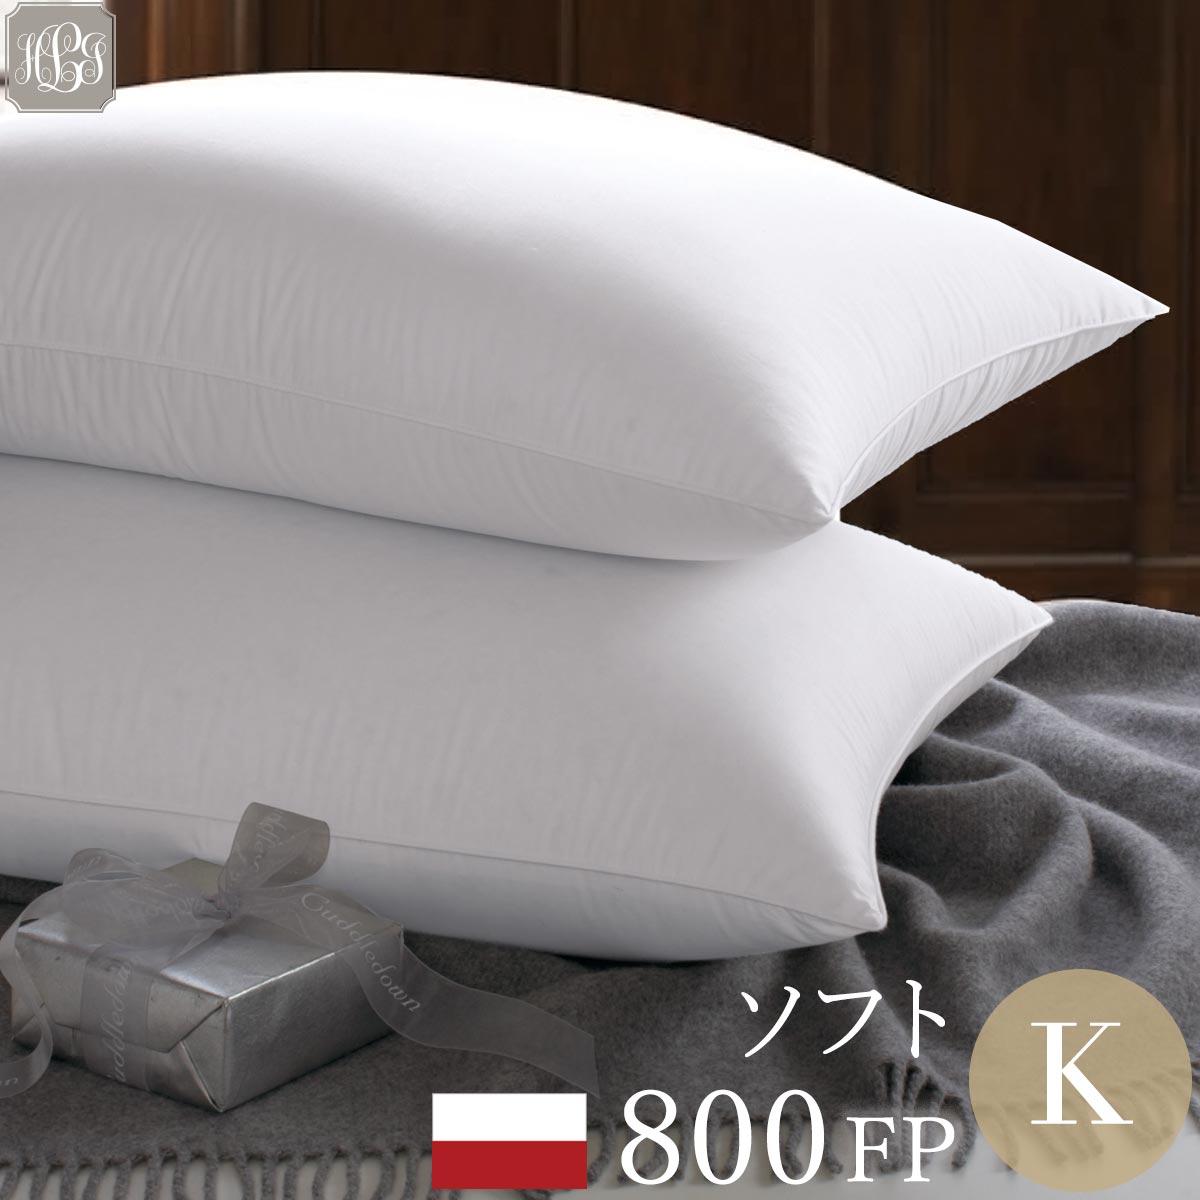 羽毛枕 キング 50cmx91cm ソフト 800フィルパワーポーランド産ホワイトマザーグースダウンピロー 送料無料